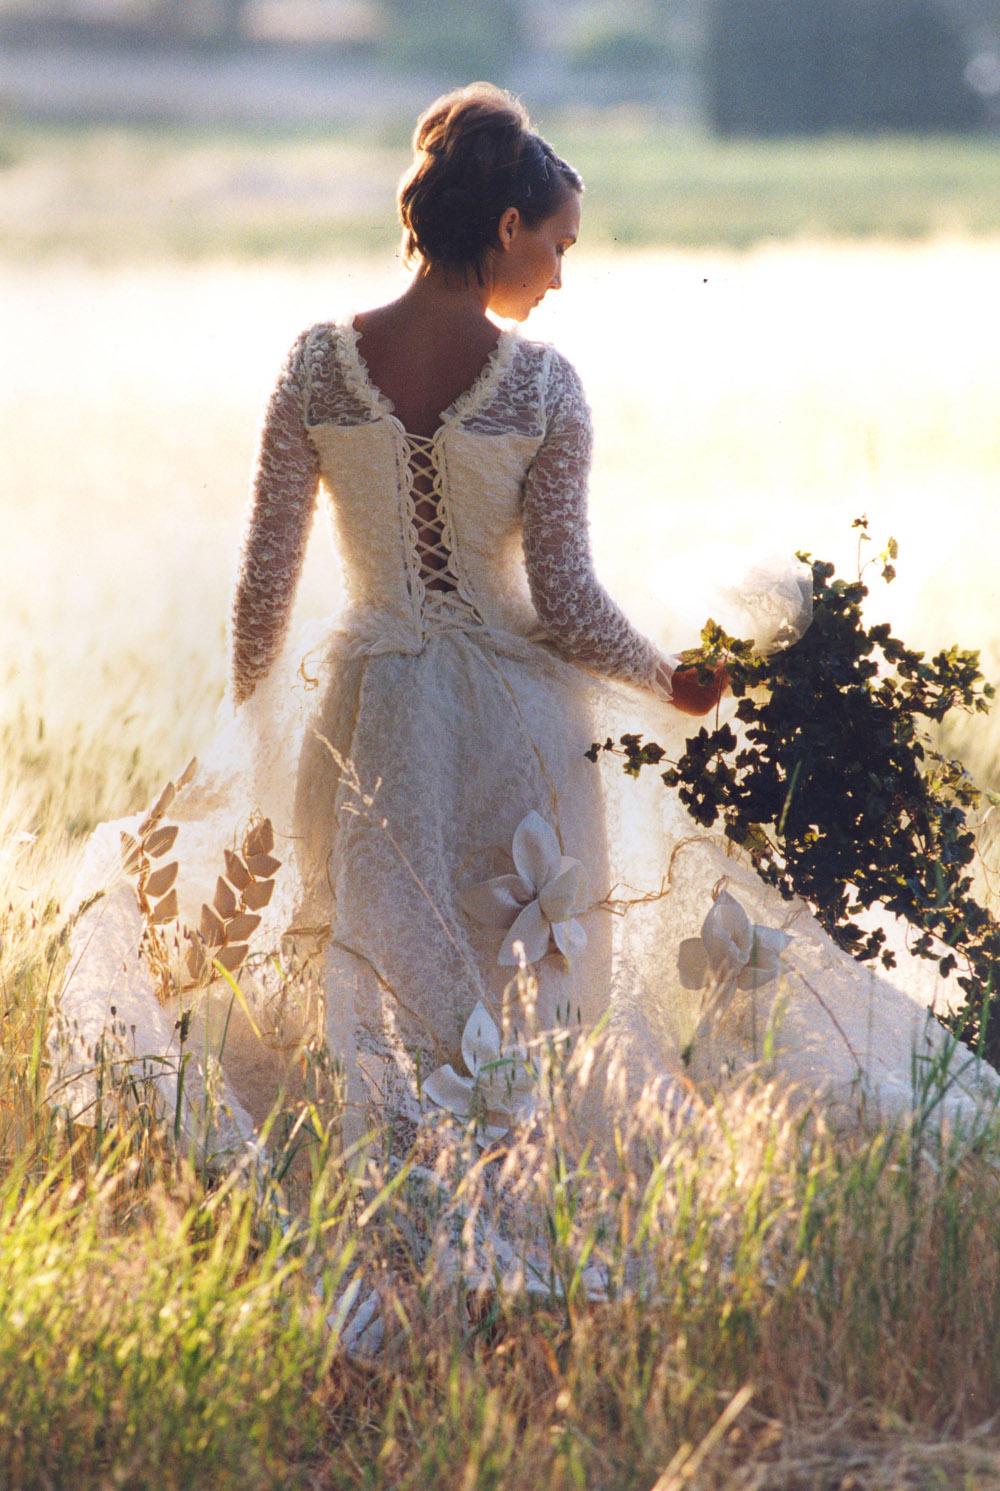 13-quiqui-lamothe-creatrice-designer-de-robes-de-mariees-de-provence-bohème-chic-nature-bio-ecologiq